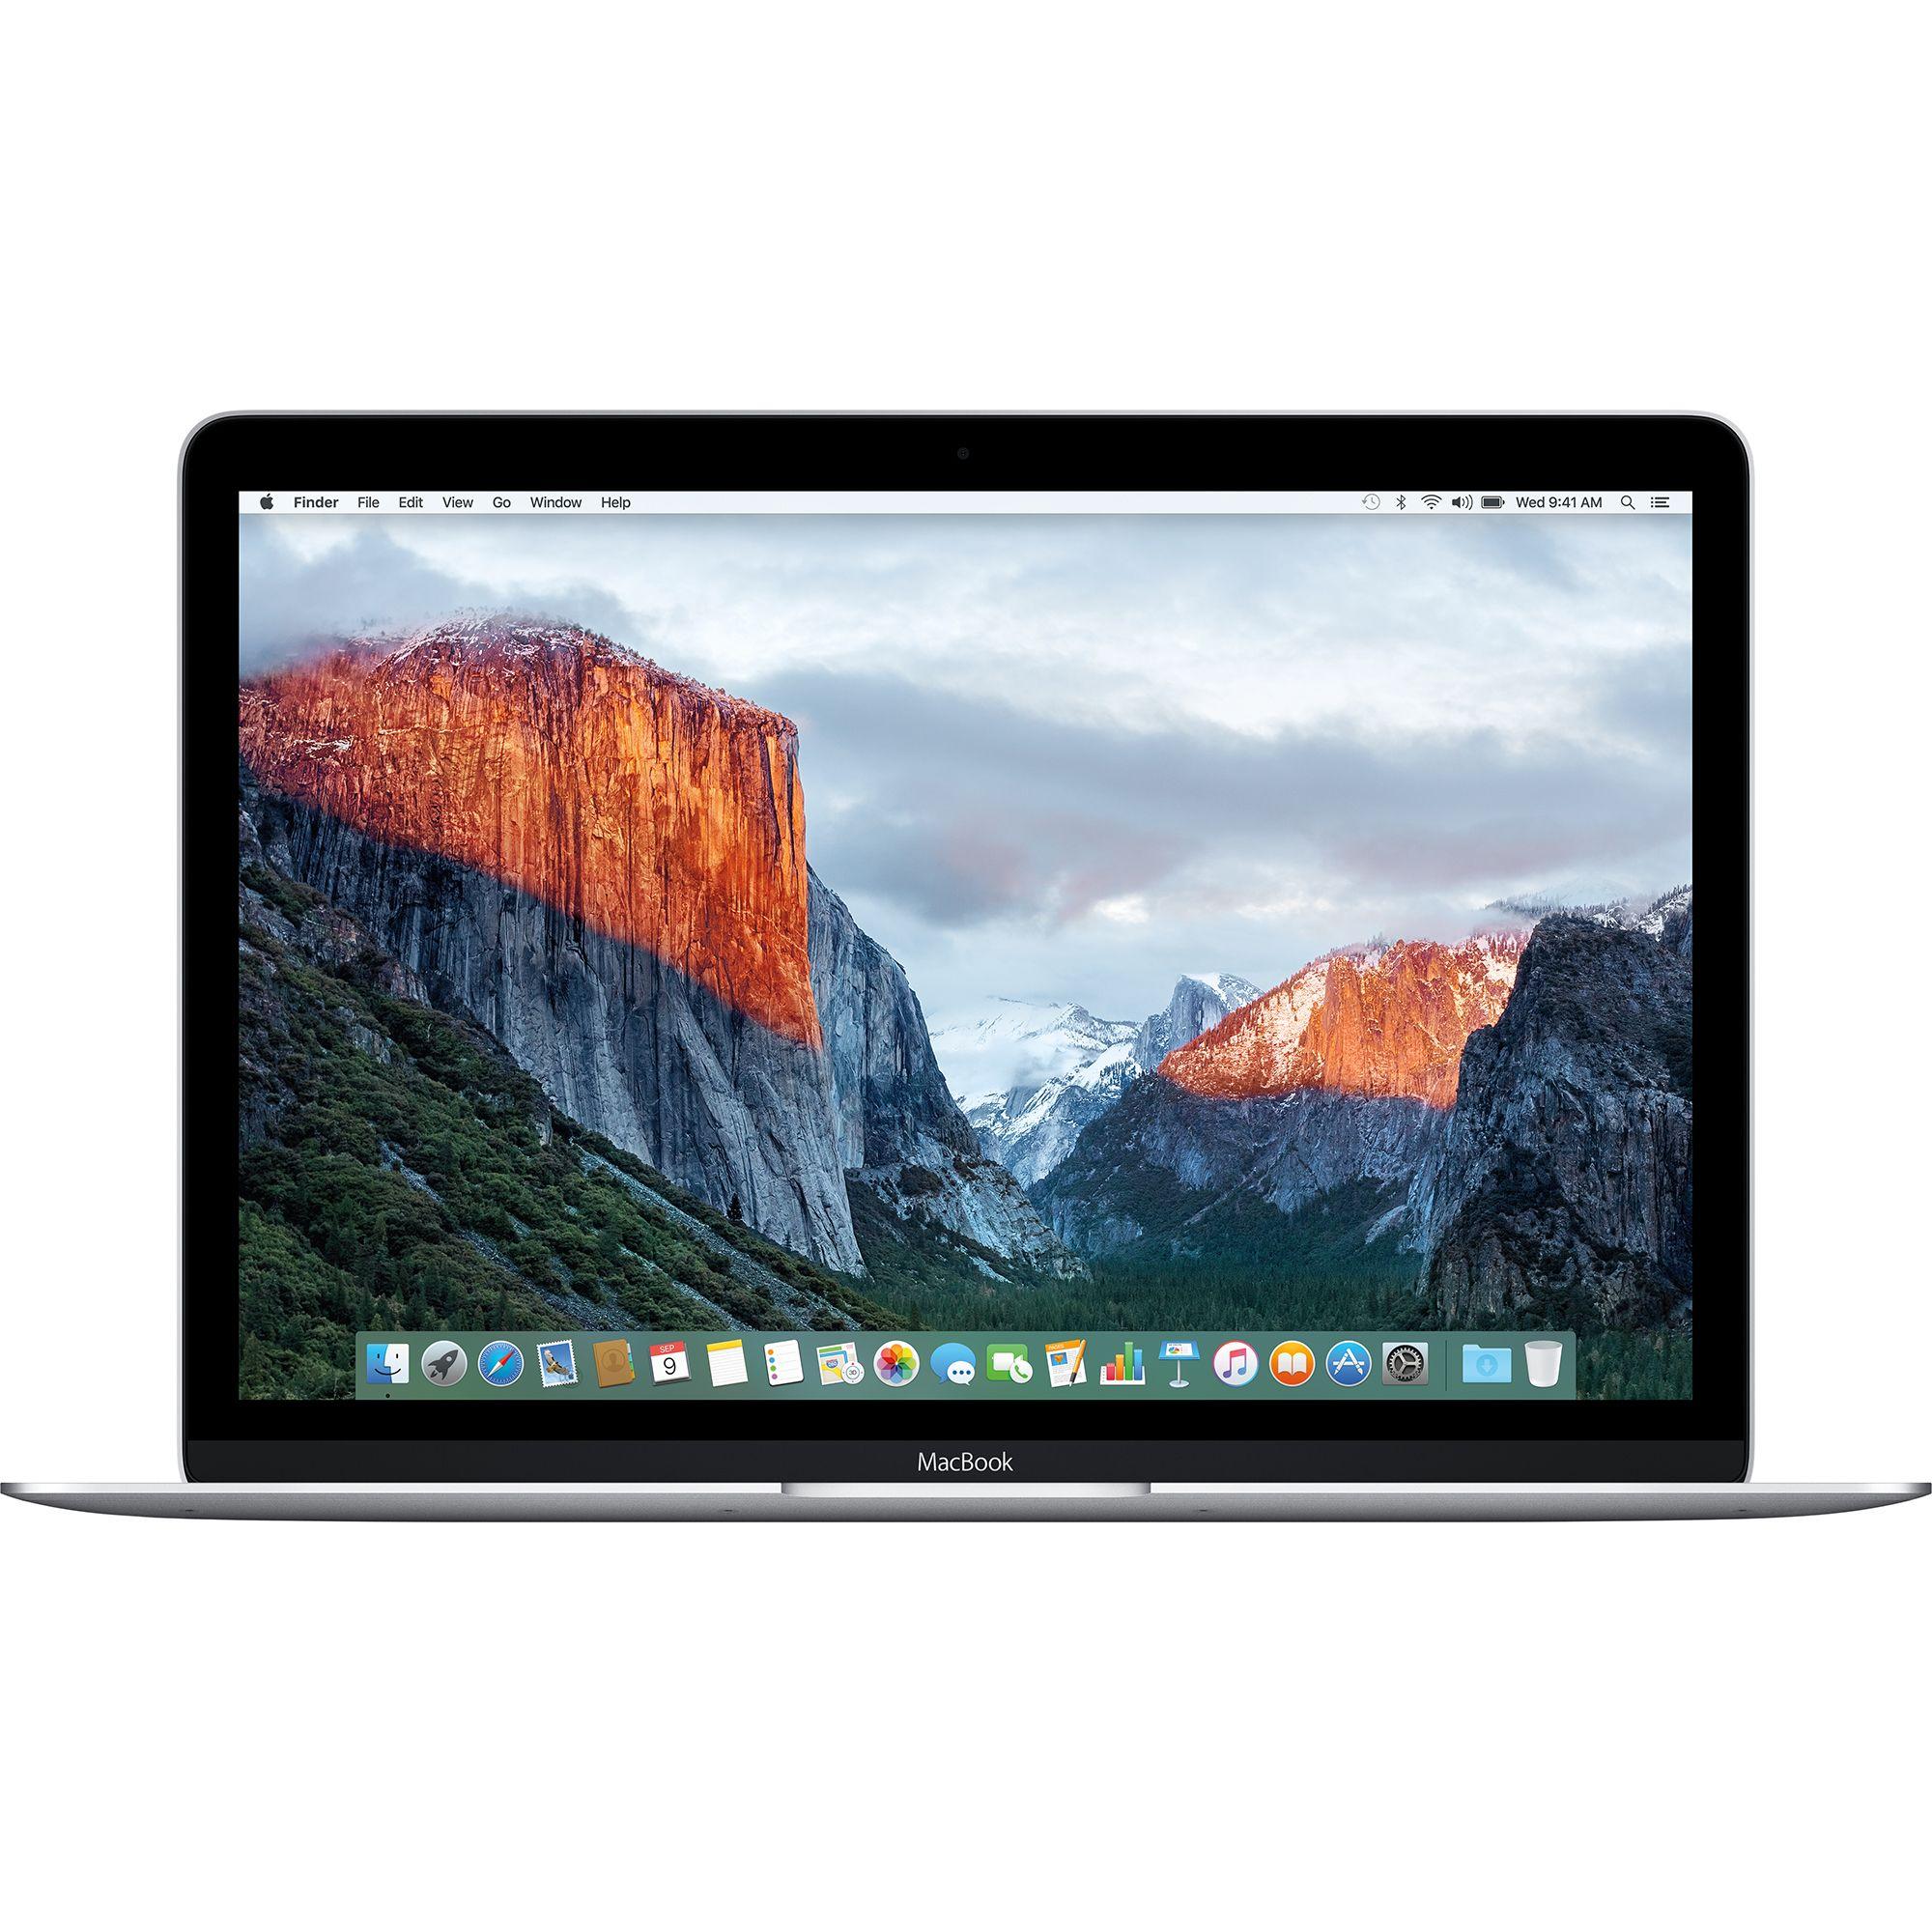 Notebook Apple MacBook Retina 12 Intel Core i5 1.3GHz RAM 8GB SSD 512GB Tastatura INT Silver